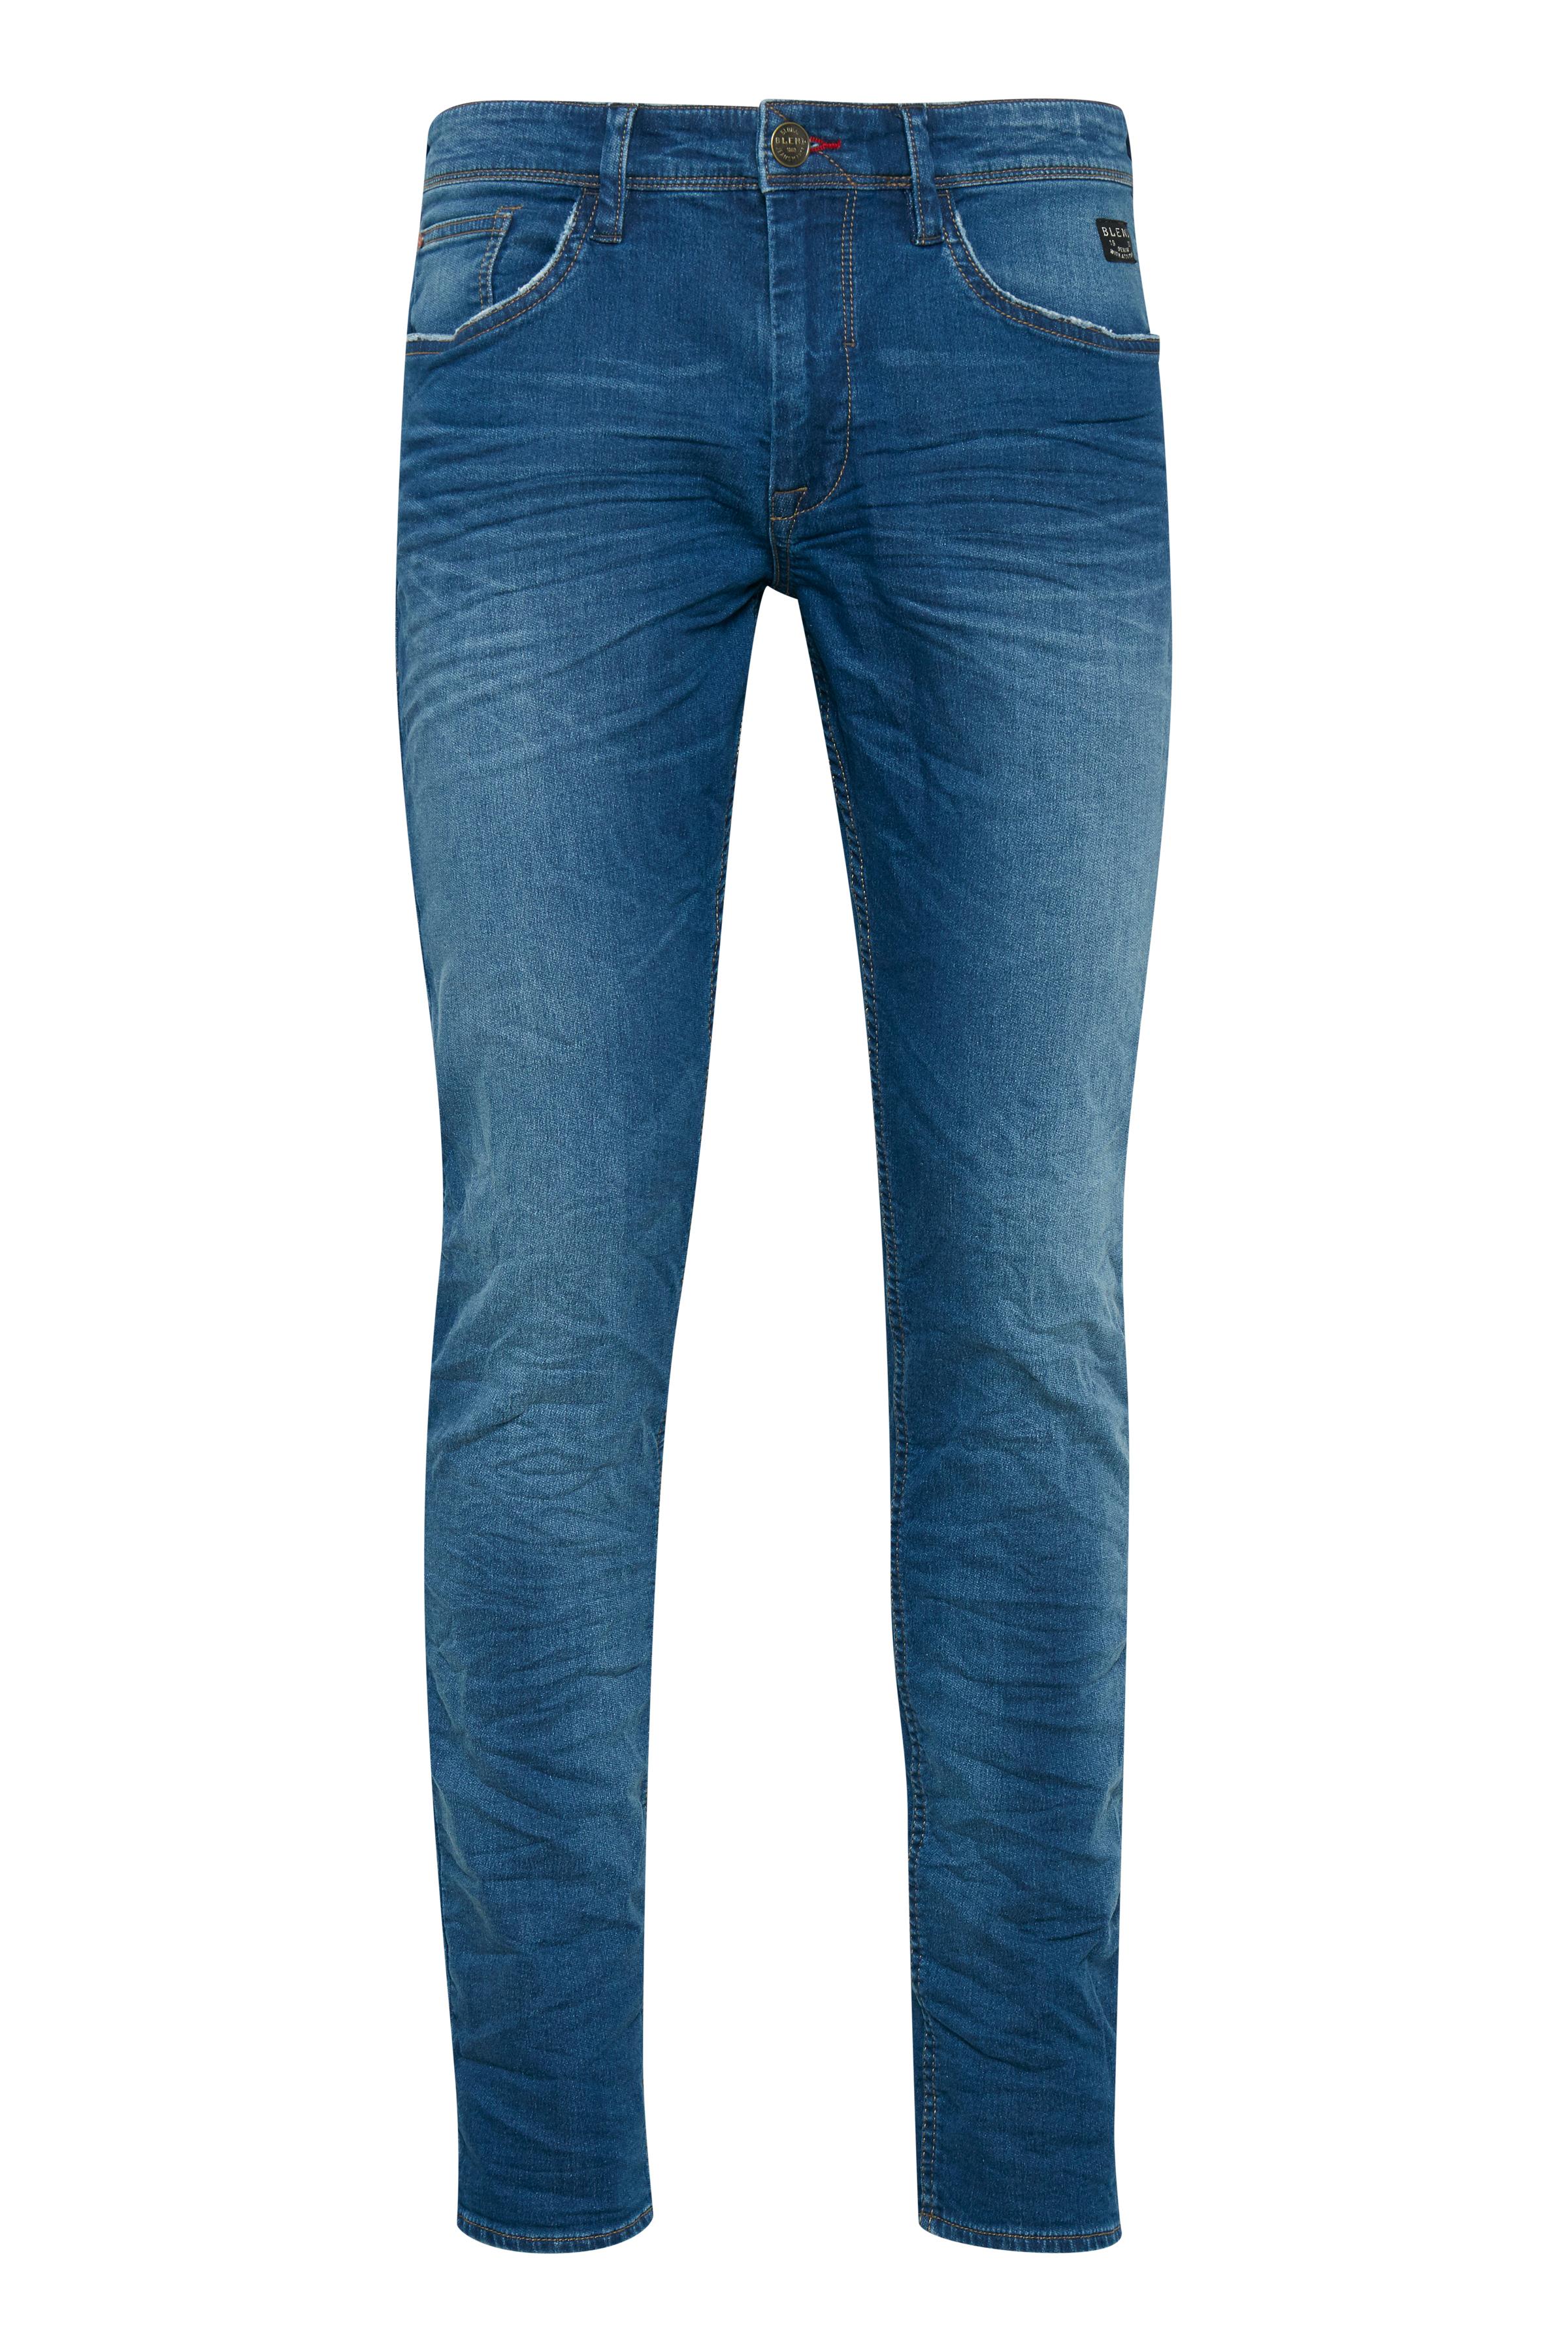 Denim Middle blue Twister jeans fra Blend He – Køb Denim Middle blue Twister jeans fra str. 28-40 her